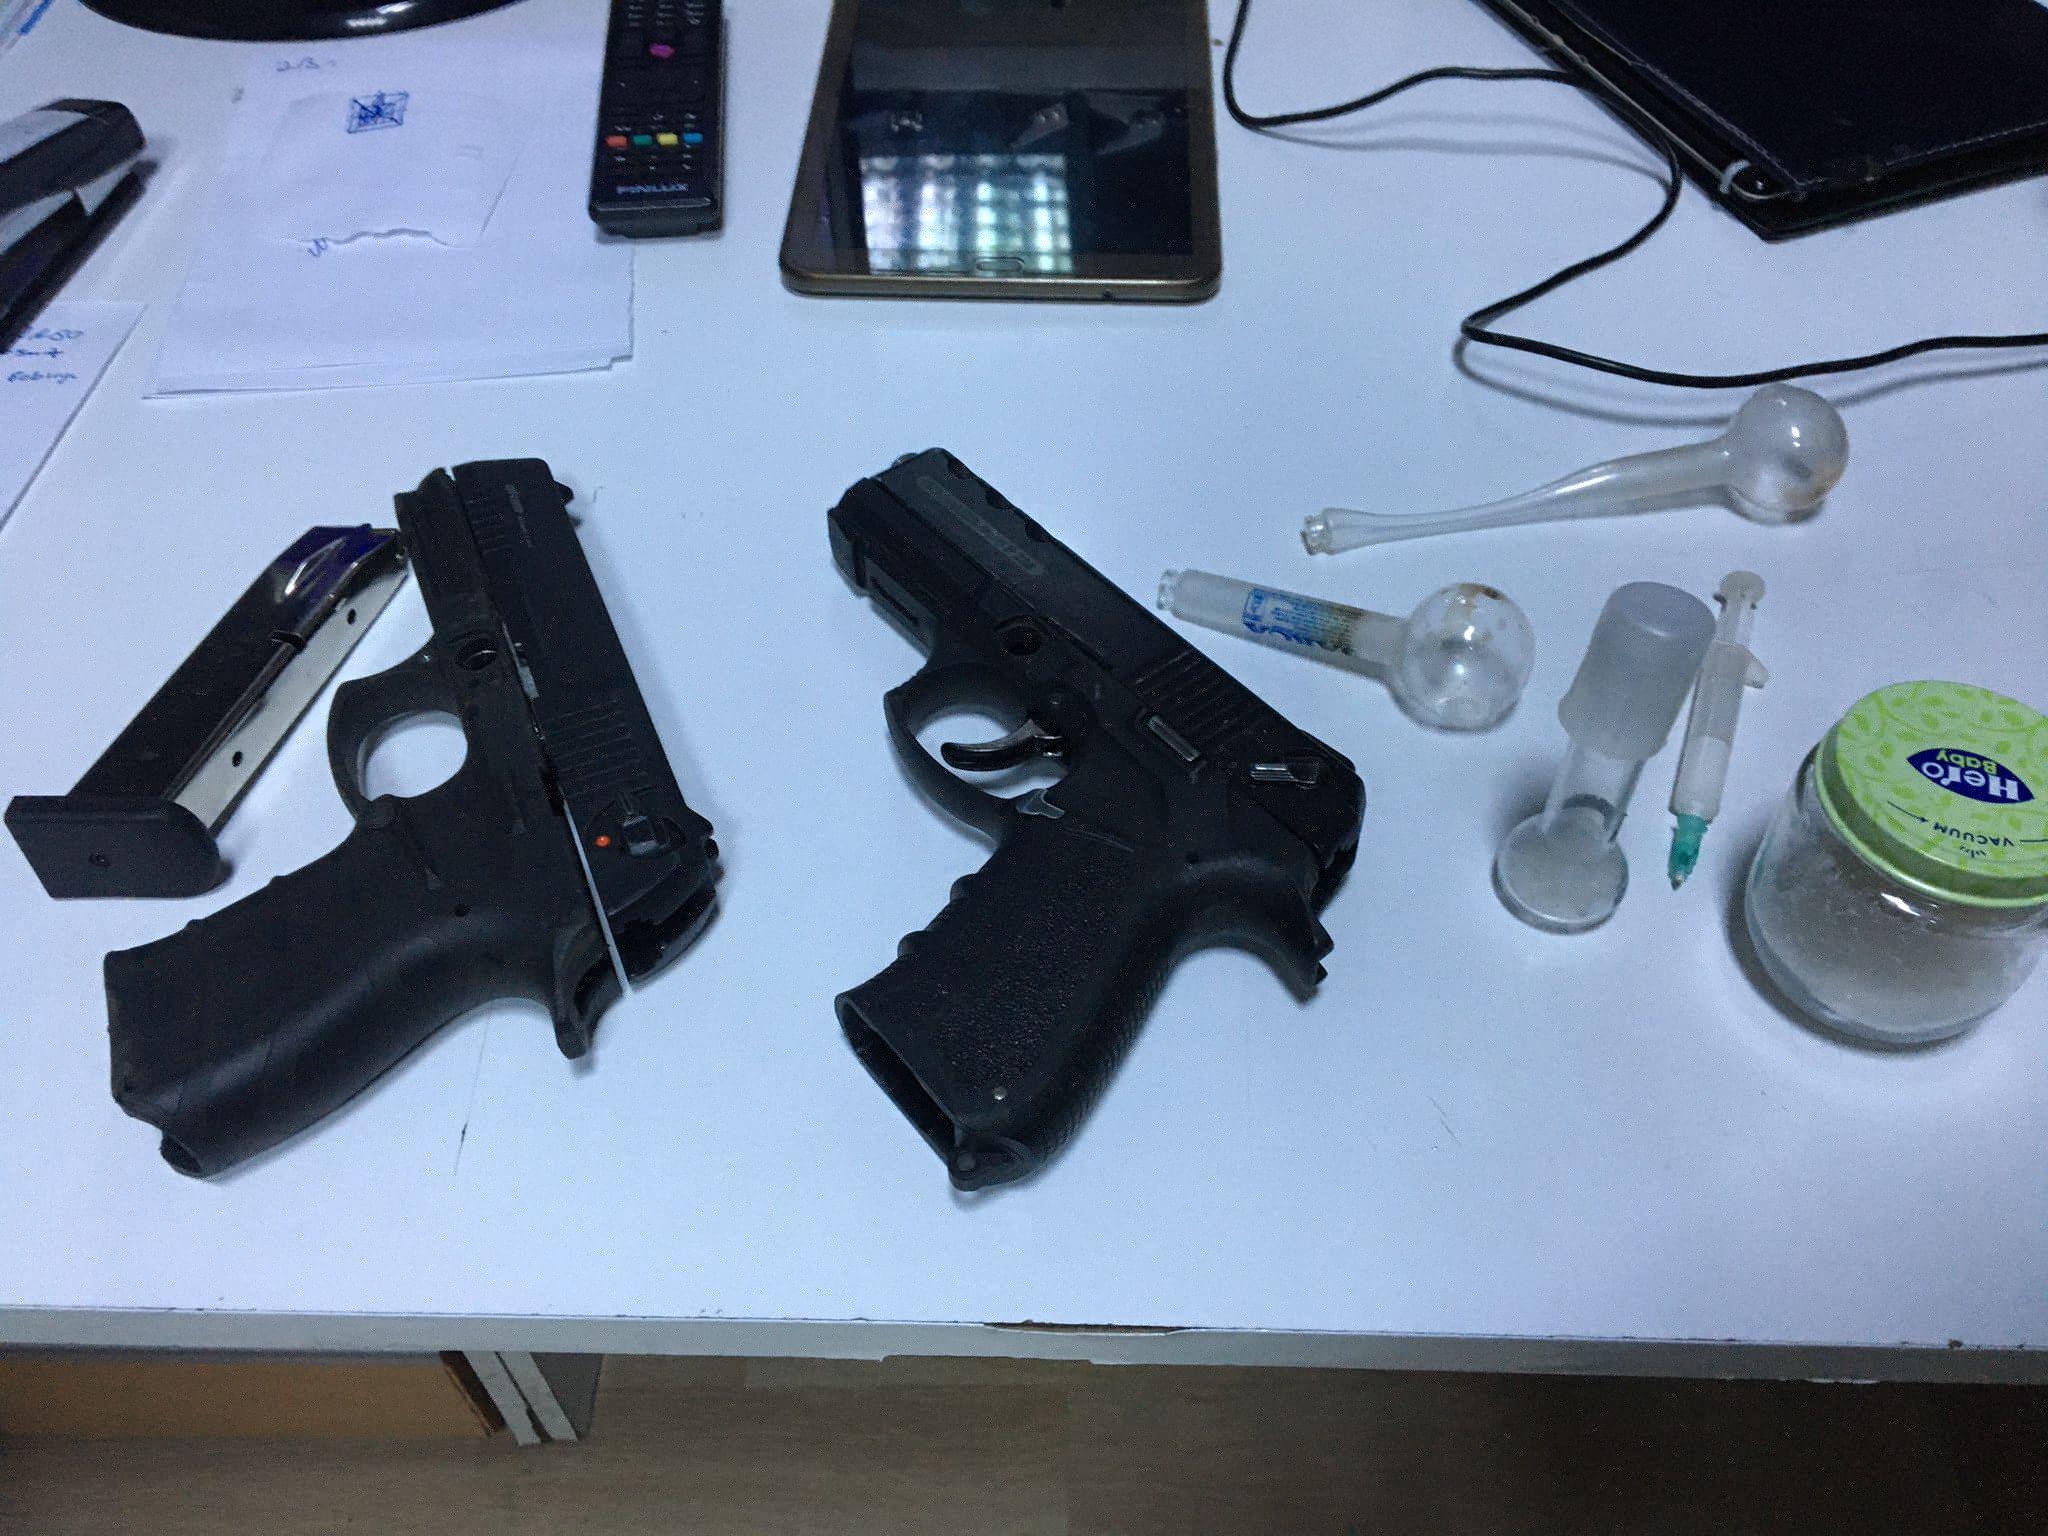 Kocaeli'de şüphe üzerine durdurulan otomobilde ruhsatsız tabanca ve 14,7 gram metamfetamin ele geçirildi